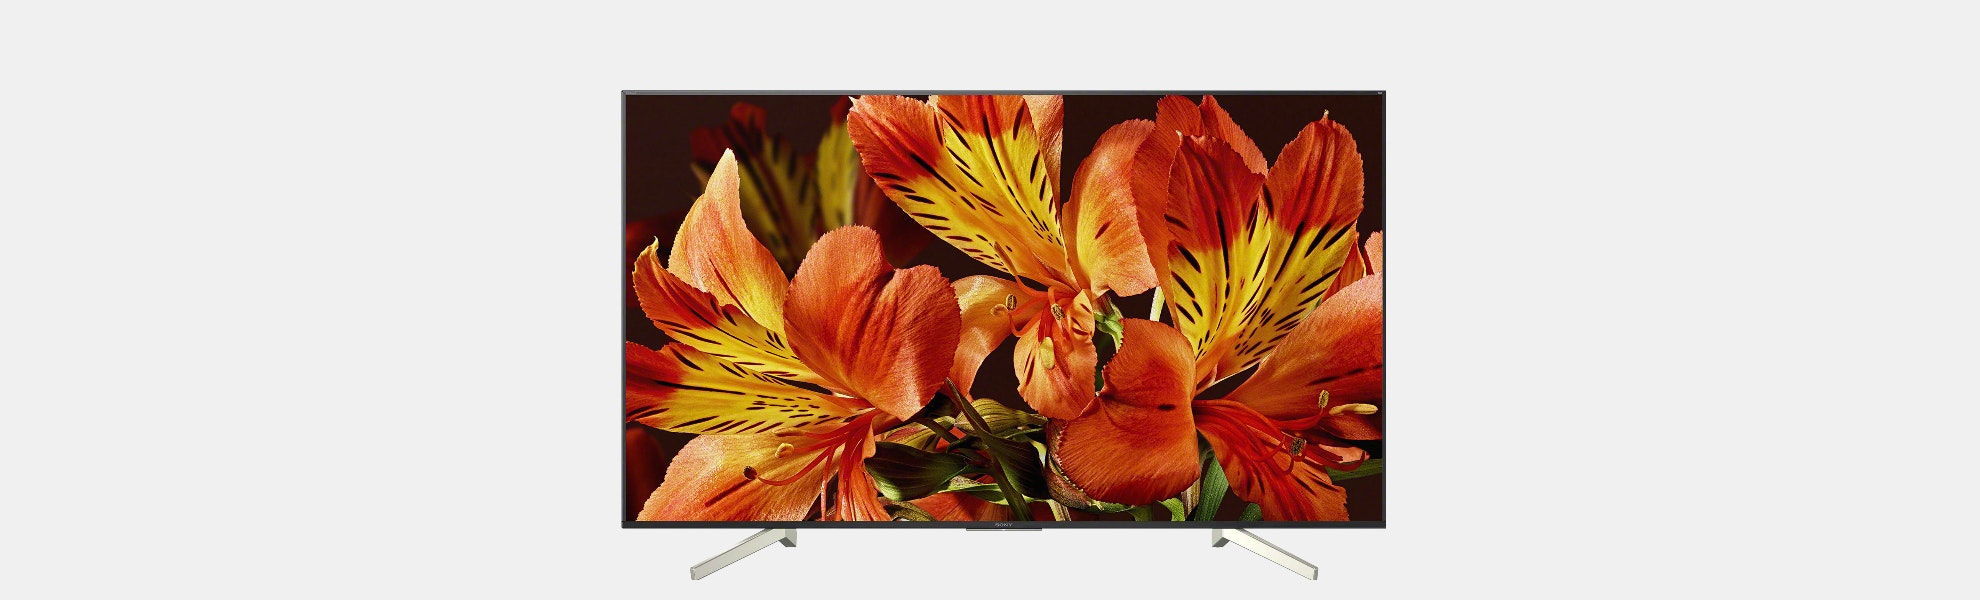 """Sony 75"""" 4K UHD HDR X850F Series Smart LED TV"""